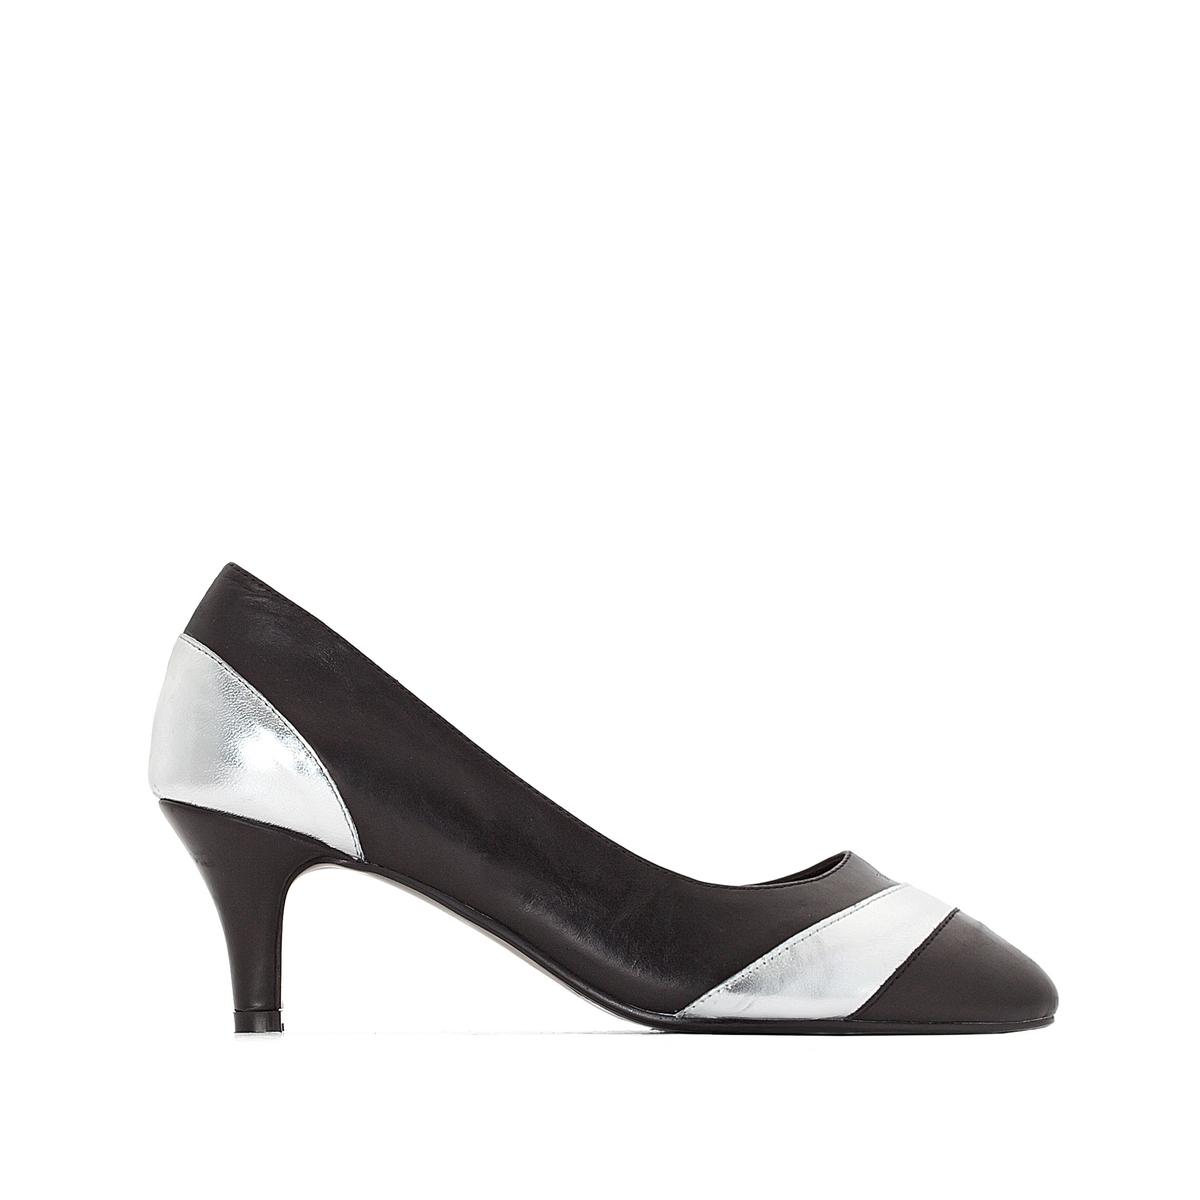 Туфли кожаныеОписание:Детали  •  Каблук-шпилька •  Высота каблука : 5,5 см •  Застежка : без застежки •  Круглый мысок •  Гладкая отделкаСостав и уход  •  Верх 100% кожа •  Подкладка 100% кожа •  Стелька 100% кожа<br><br>Цвет: черный<br>Размер: 35